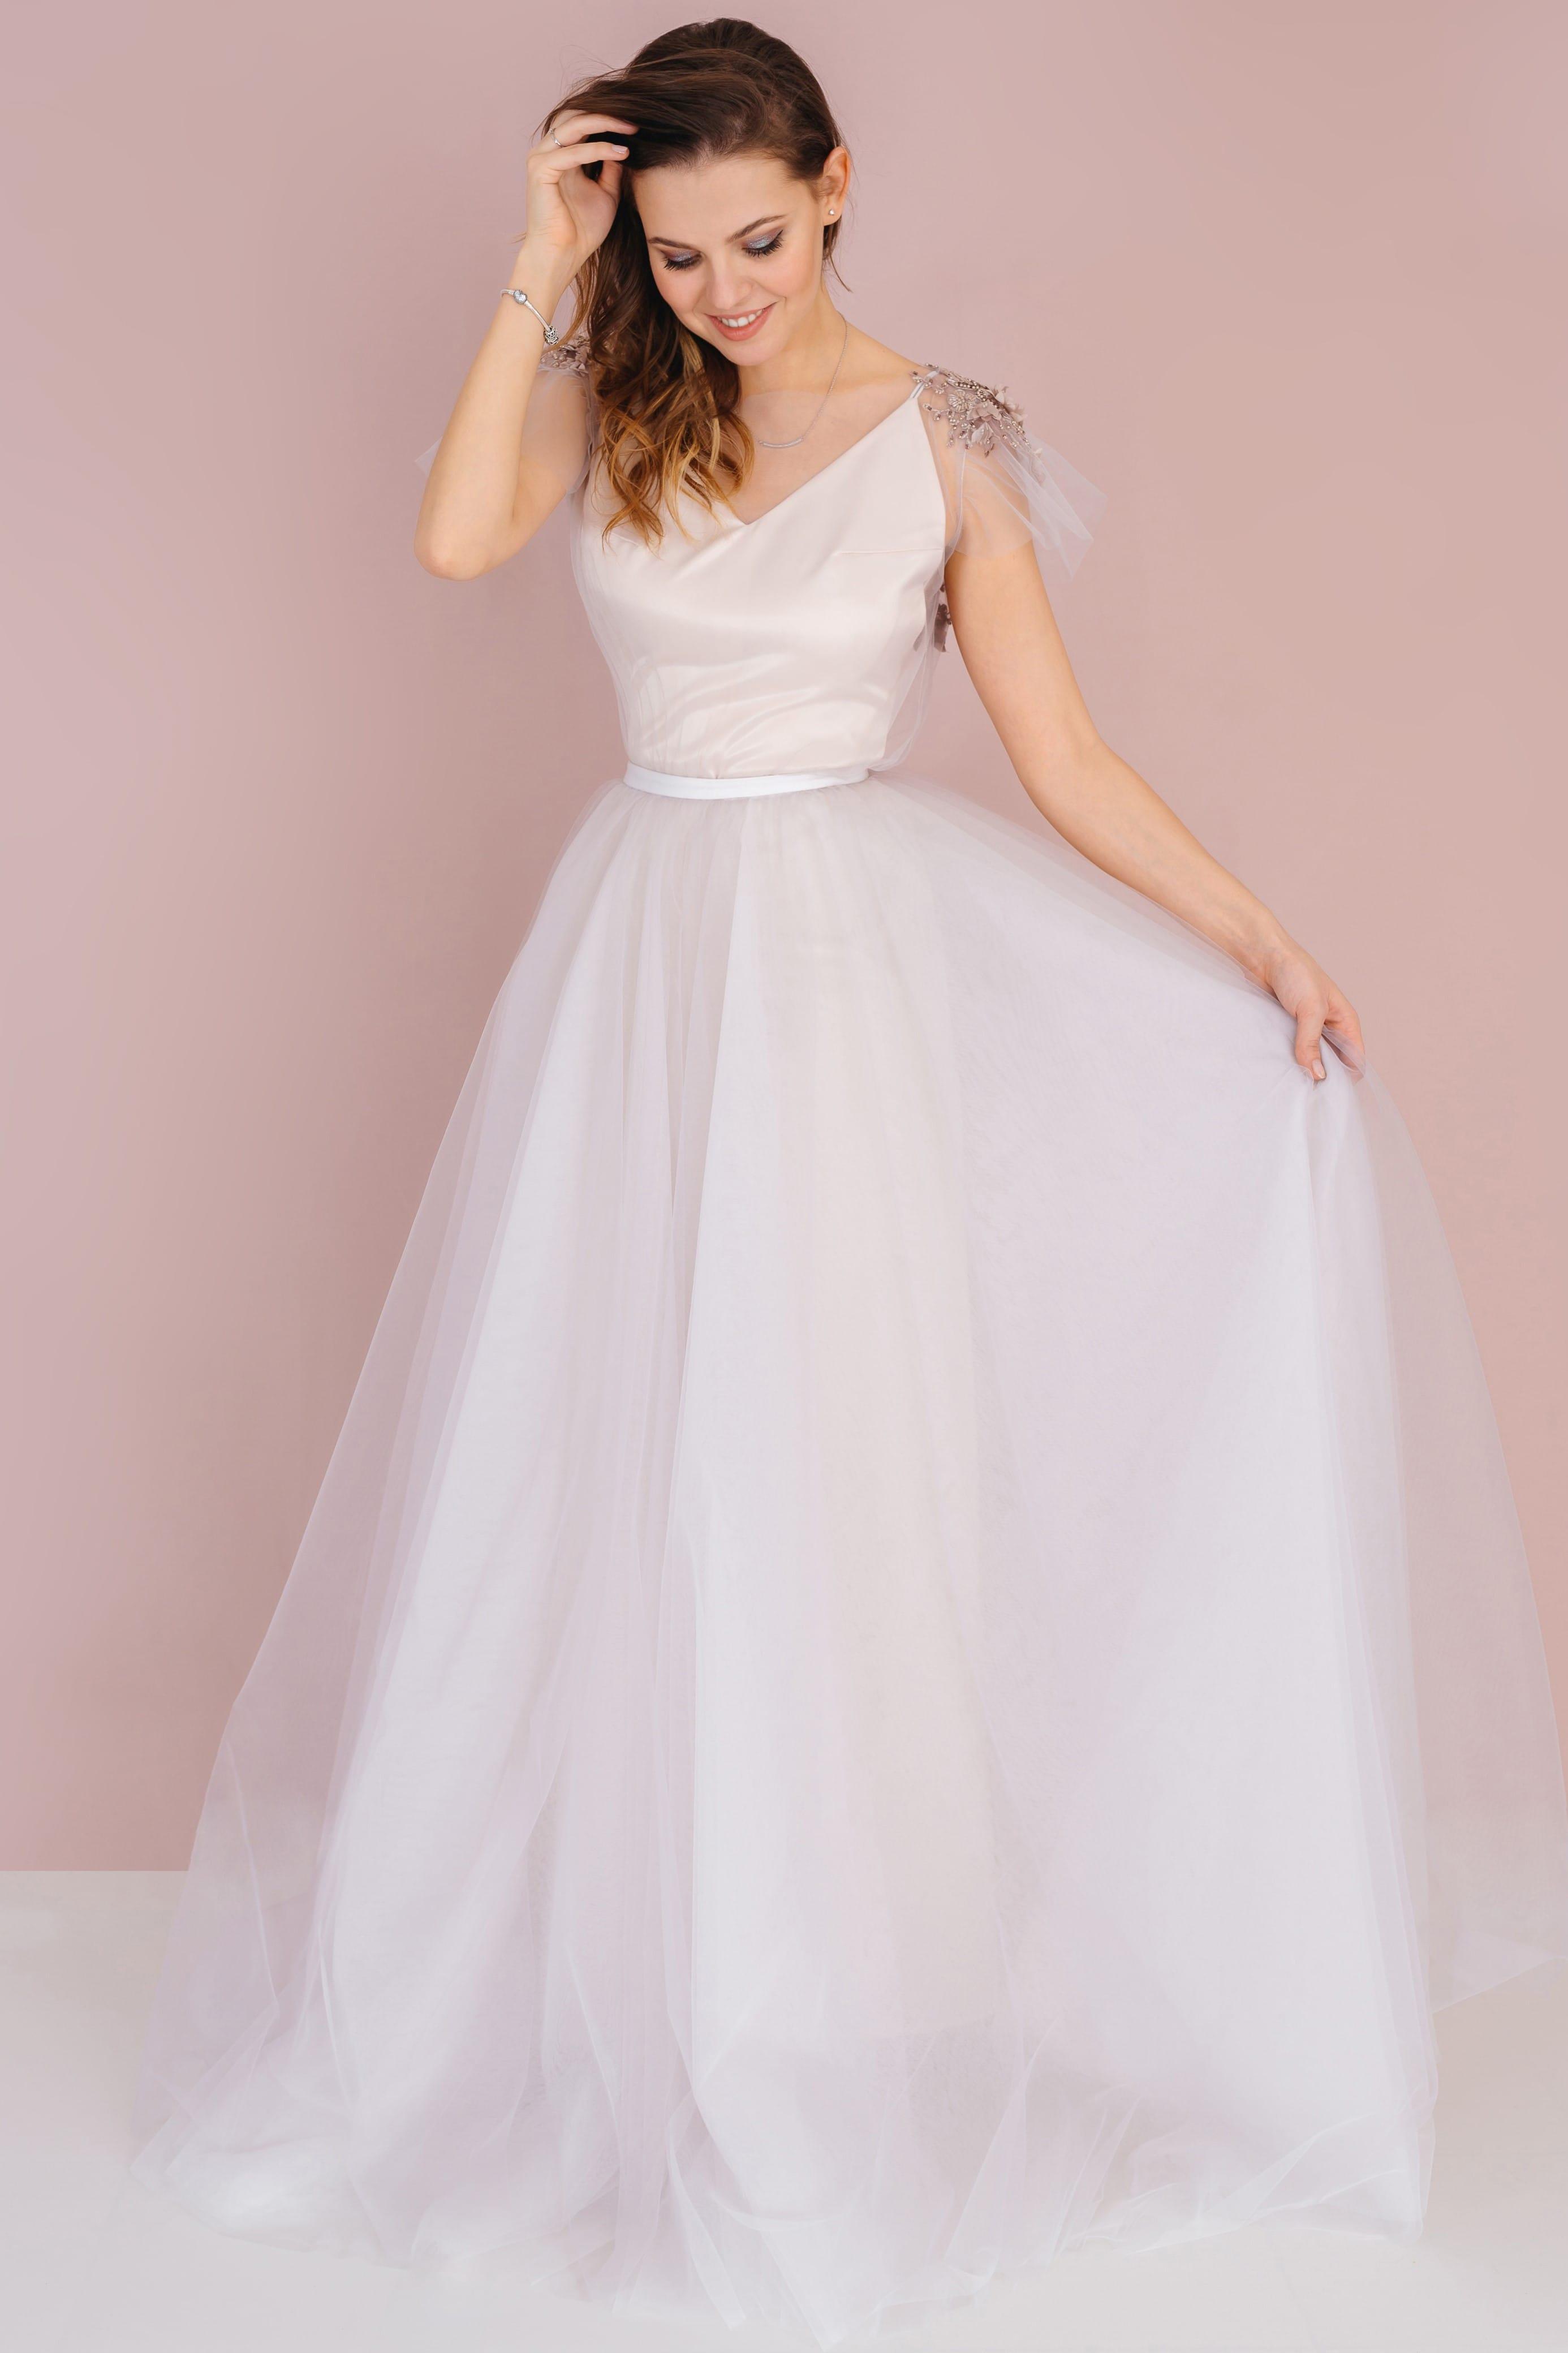 Свадебное платье LILO, коллекция LOFT, бренд RARE BRIDAL, фото 1